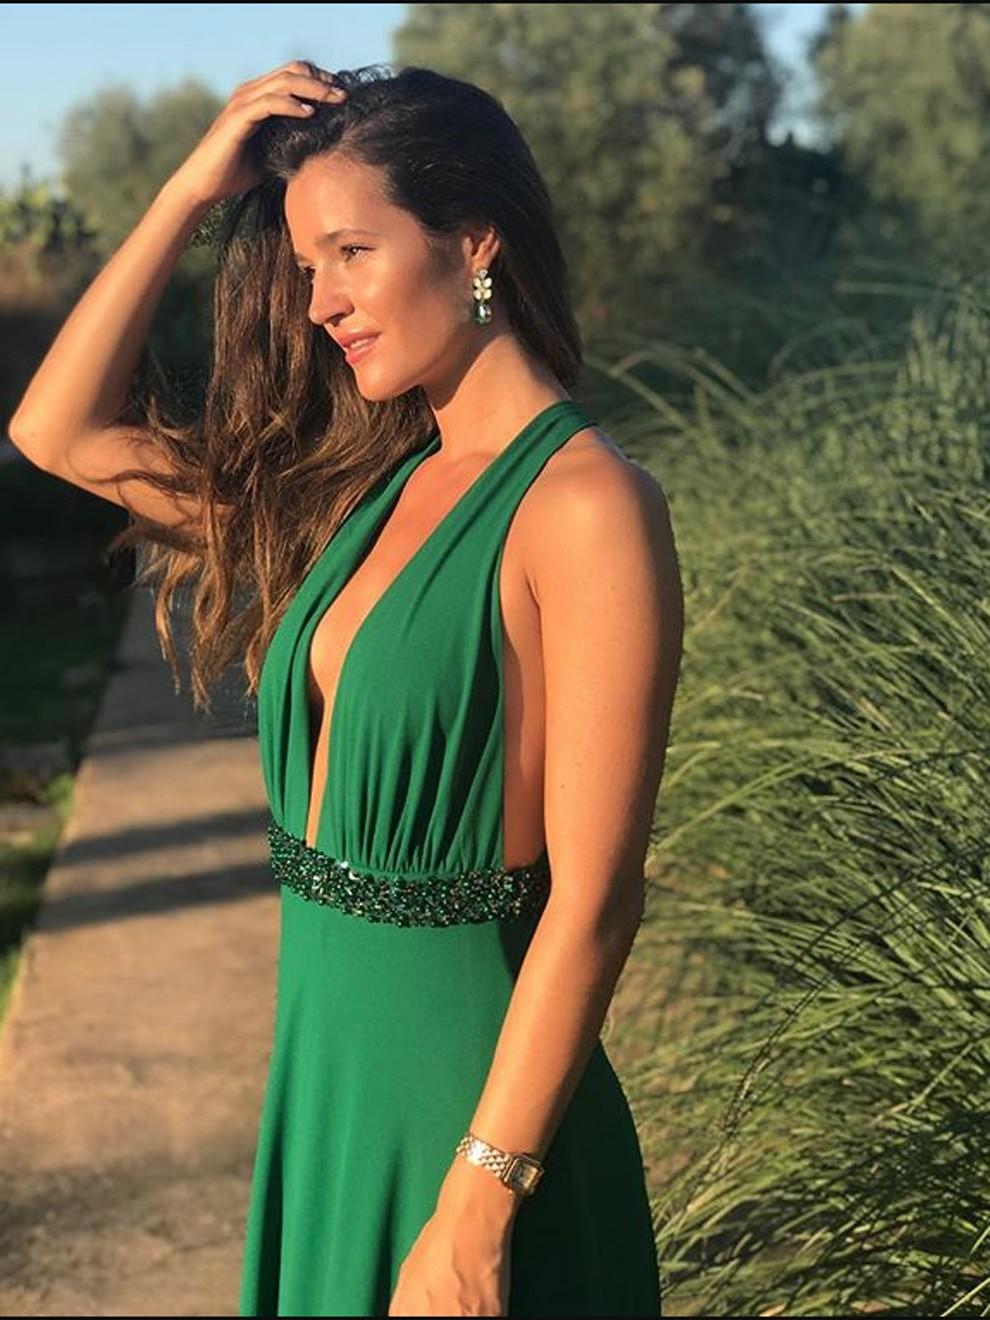 Bodas 2019 31 Vestidos De Invitada Por Menos De 155 Euros